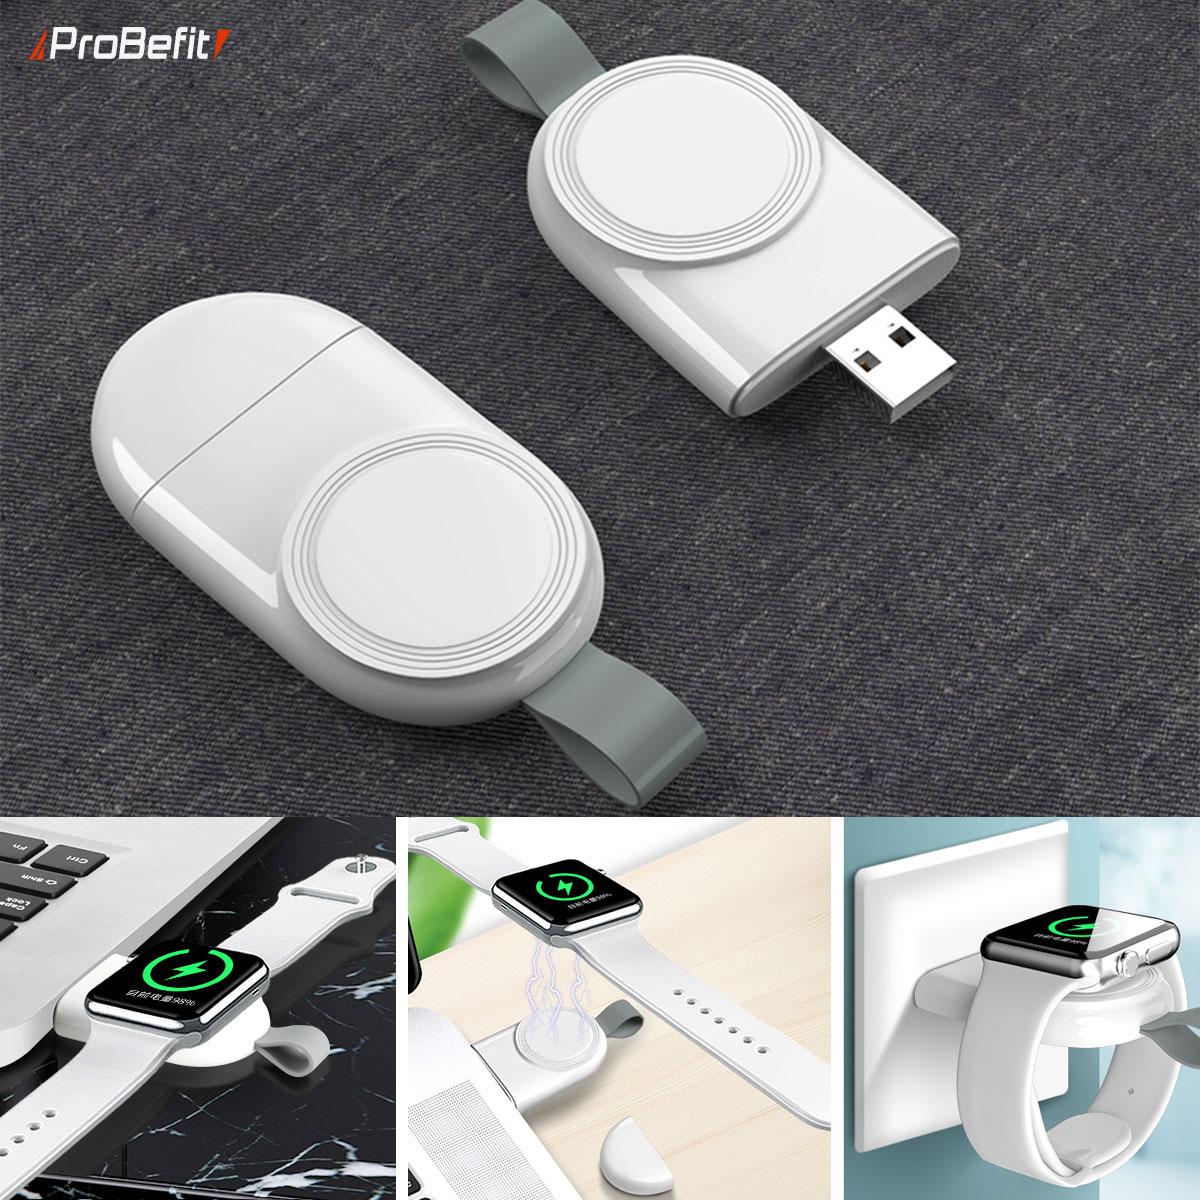 Caricabatterie Wireless portatile per IWatch 6 SE 5 4 Dock Station di ricarica cavo di ricarica USB per Apple Watch Series 5 4 3 2 1 1